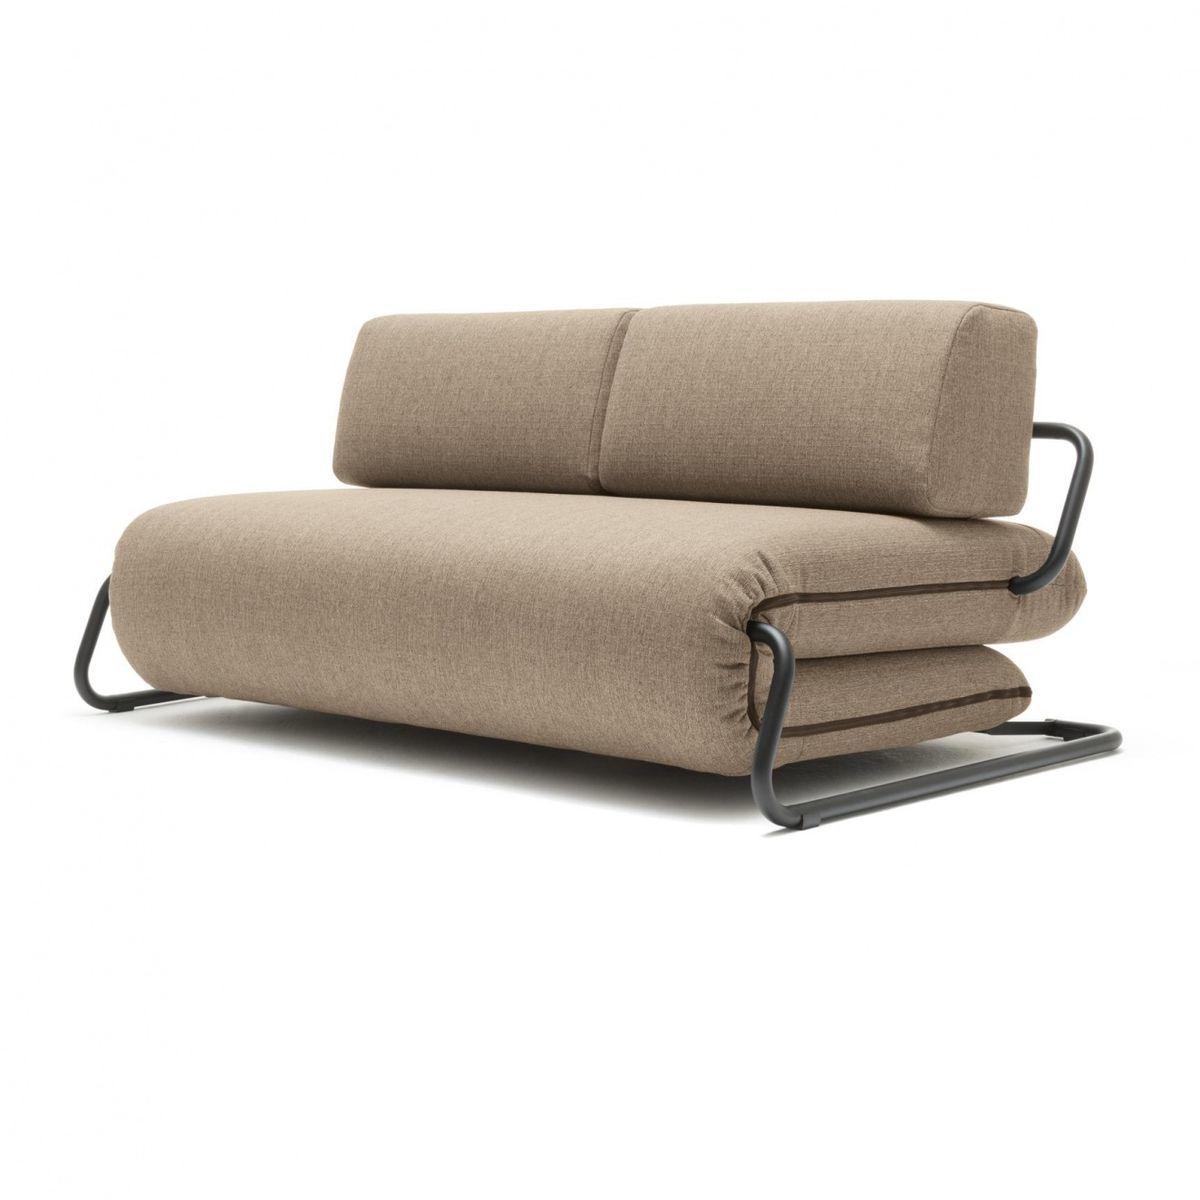 freistil 164 canap lit freistil rolf benz. Black Bedroom Furniture Sets. Home Design Ideas